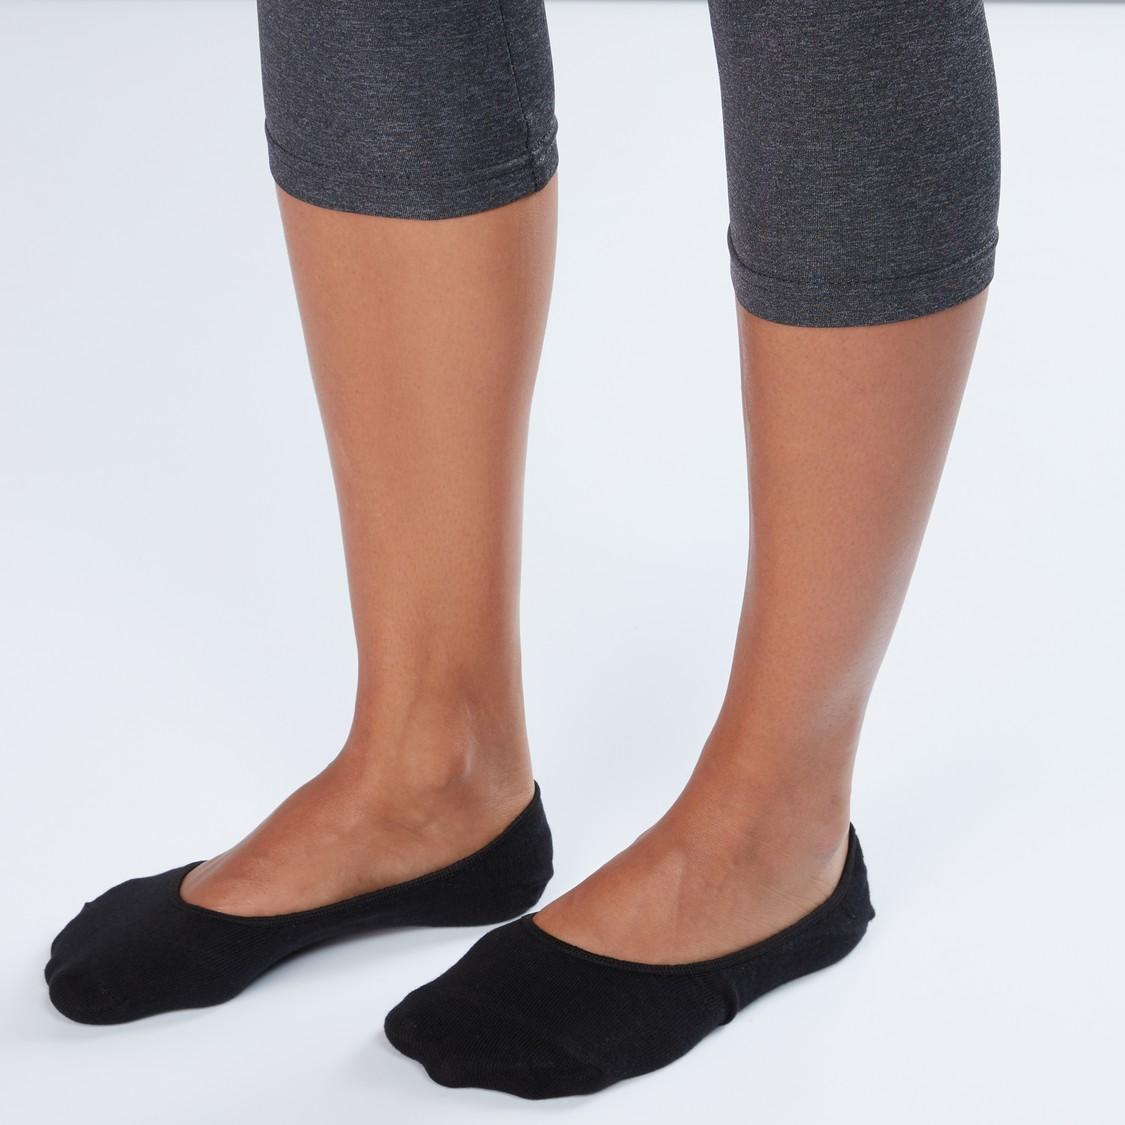 جوارب غير مرئية بارزة الملمس - طقم من 3 أزواج